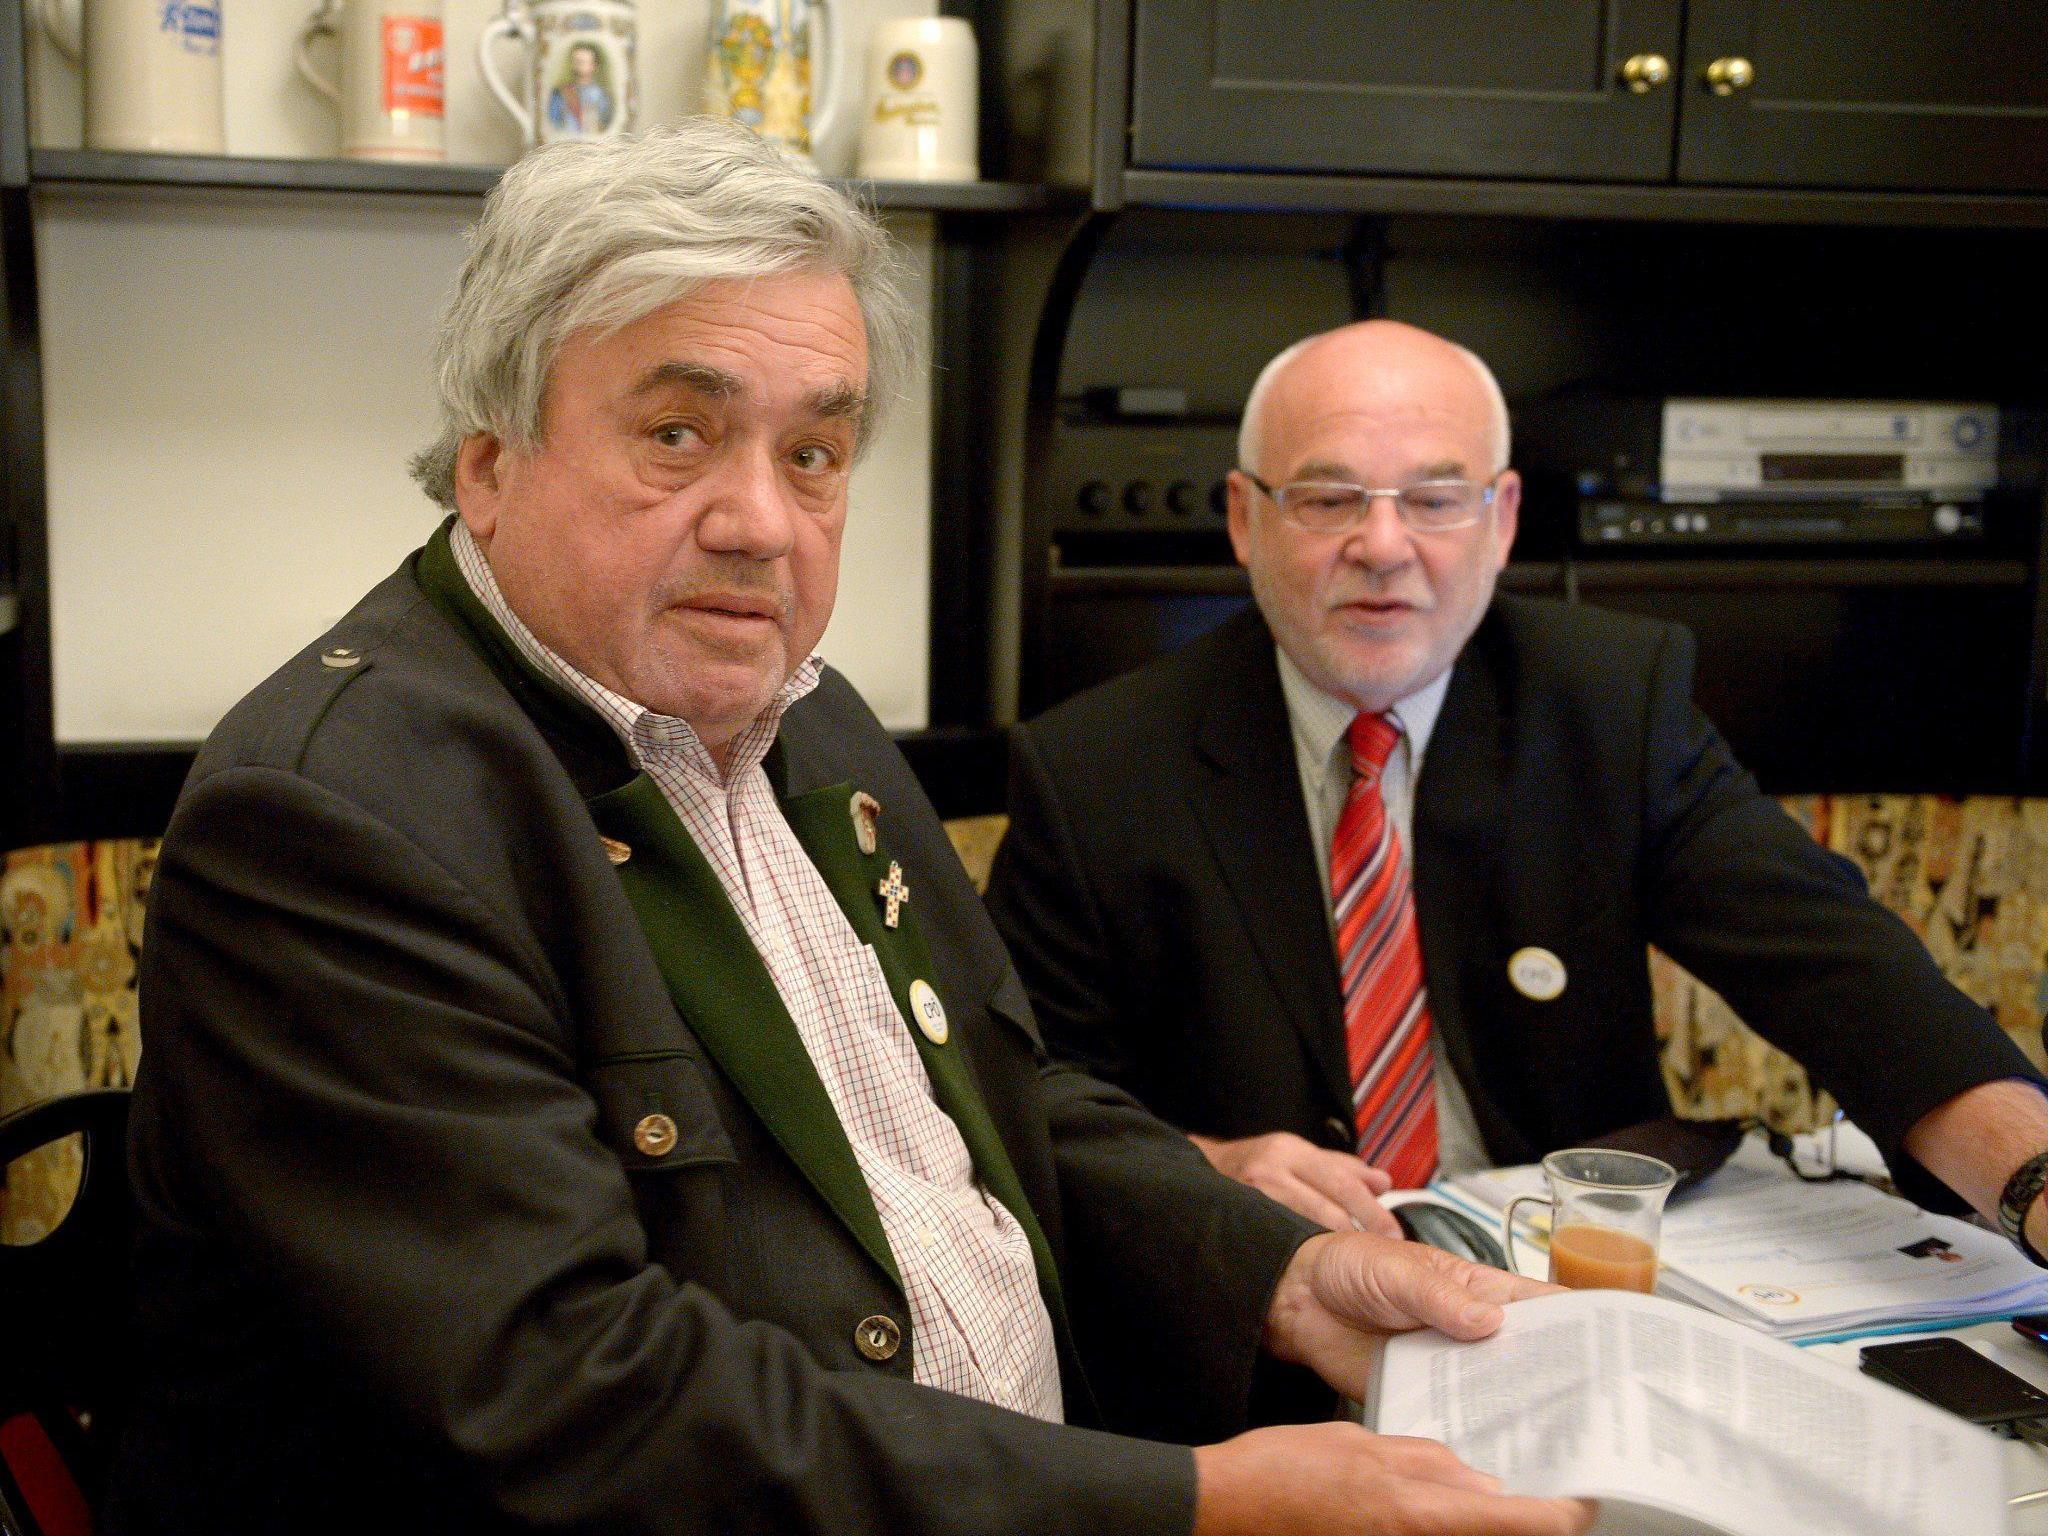 Der Stellvertretende Obmann der Christen Partei Österreichs (CPÖ), Martin Wabl (l.) und CPÖ-Bundesobmann Rudolf Gehring